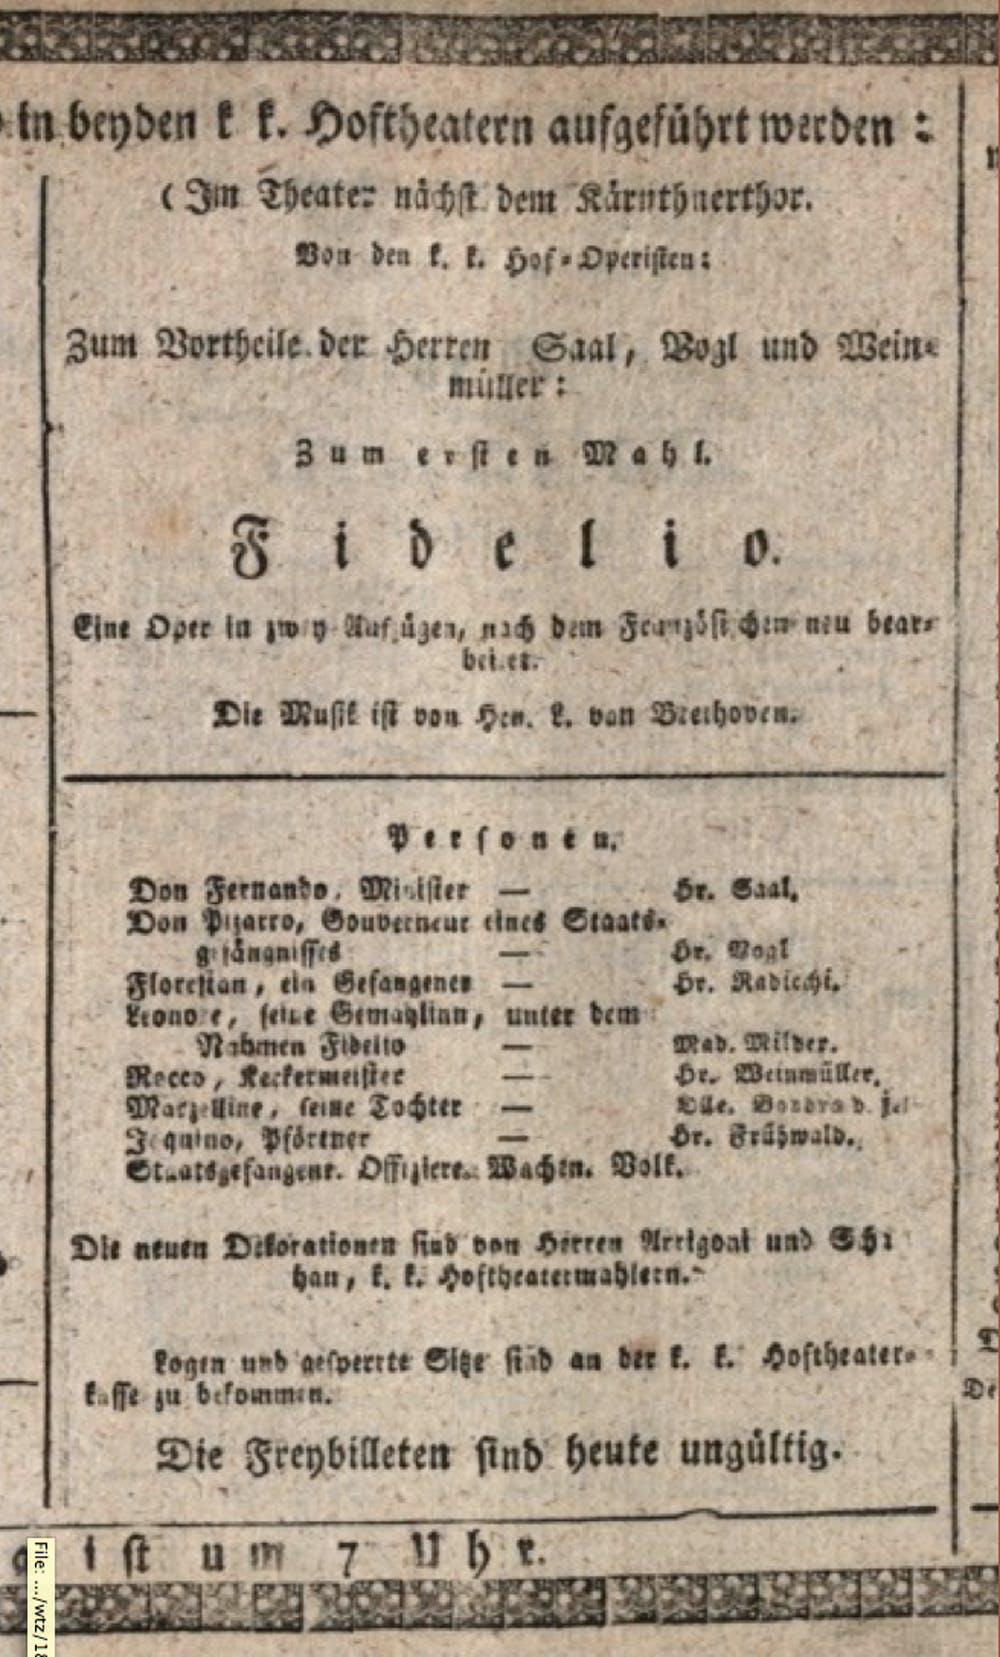 Programa de mano del estreno de la versión definitiva de Fidelio en el Kärntnertortheater de Viena el 23 de mayo de 1814 con dirección del propio Beethoven. Wikimedia Commons